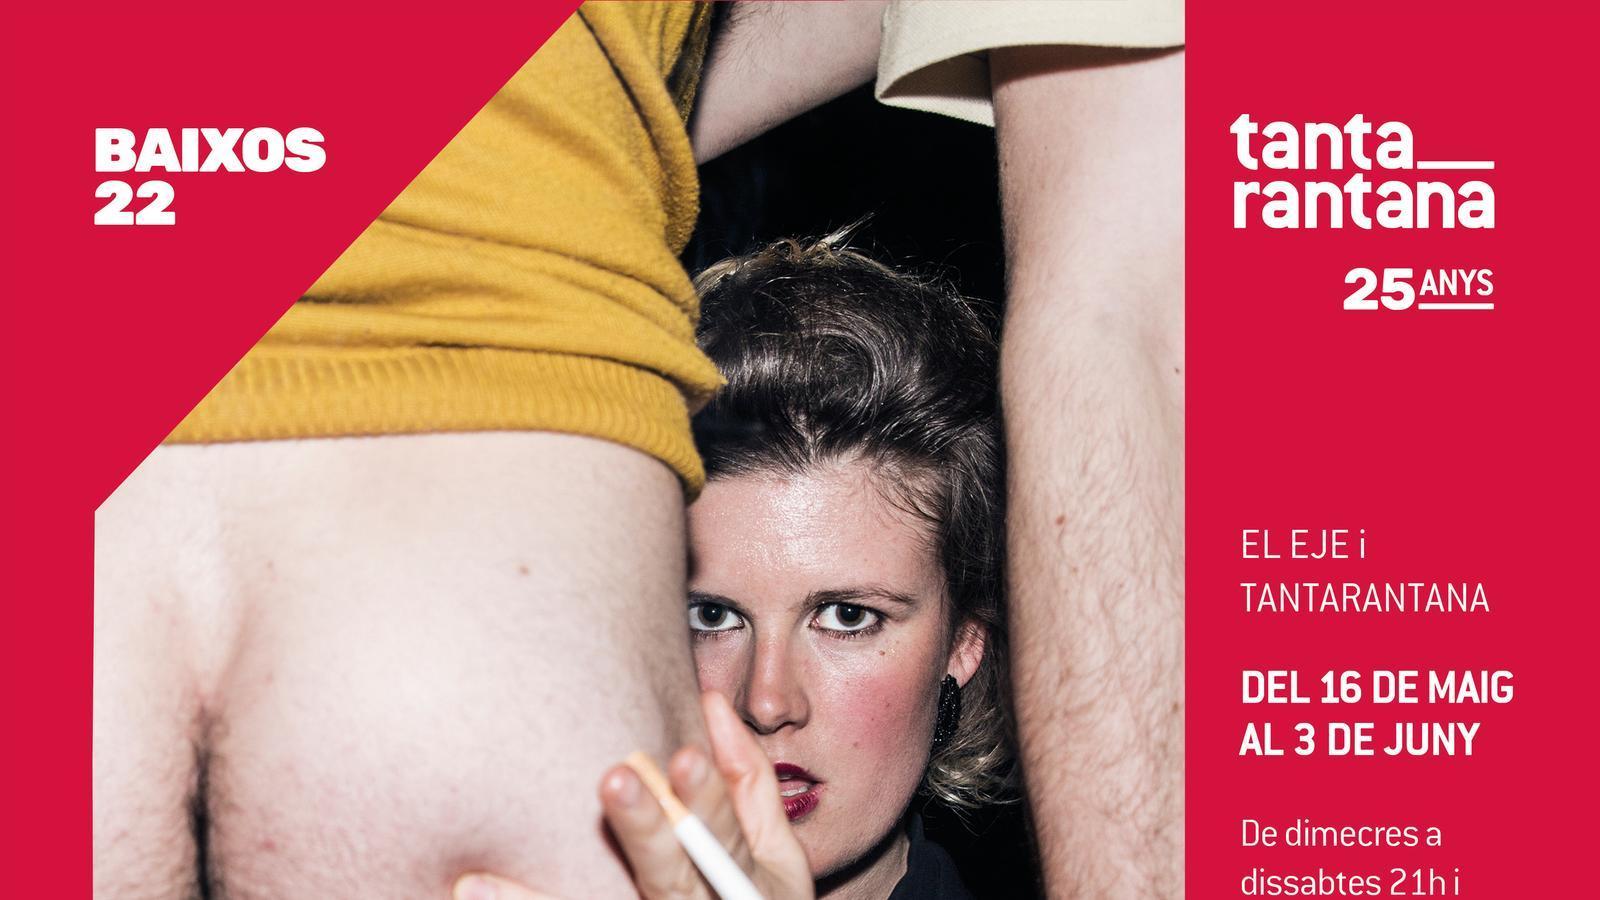 Facebook tanca la pàgina del Tantarantana per ensenyar un cul en un cartell promocional